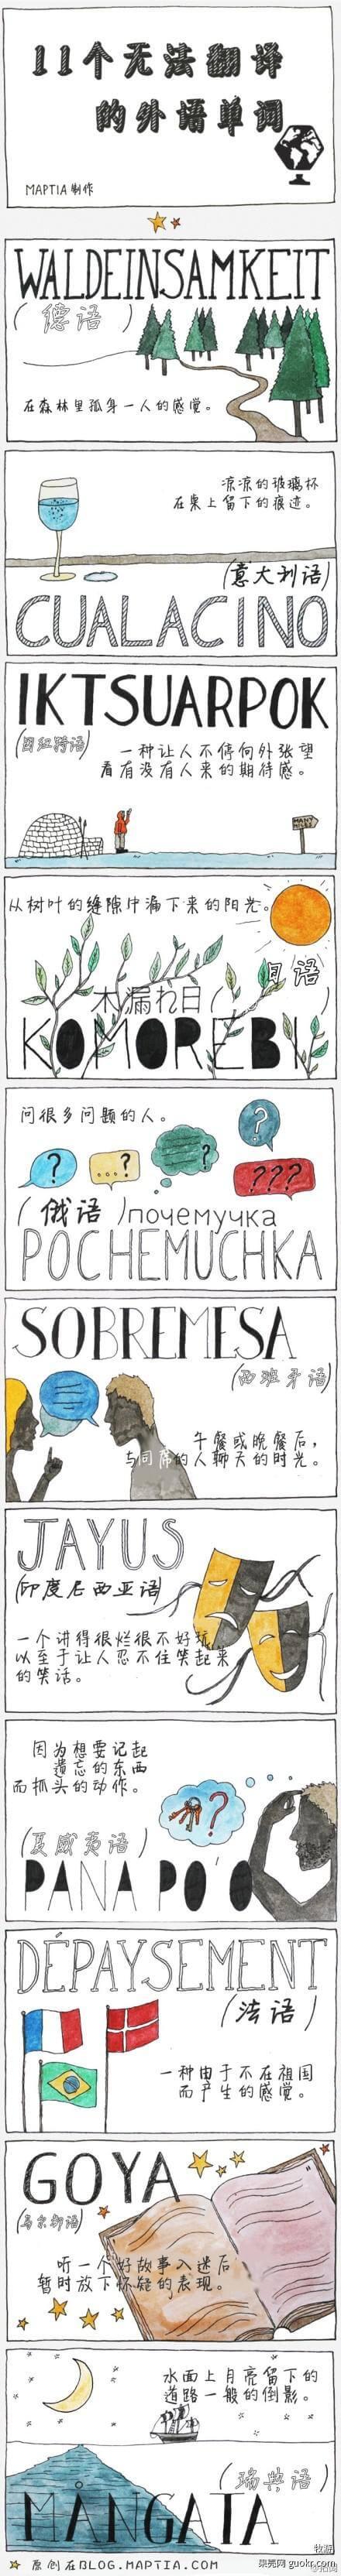 这些无法翻译的外语单词有哪些故事/典故?